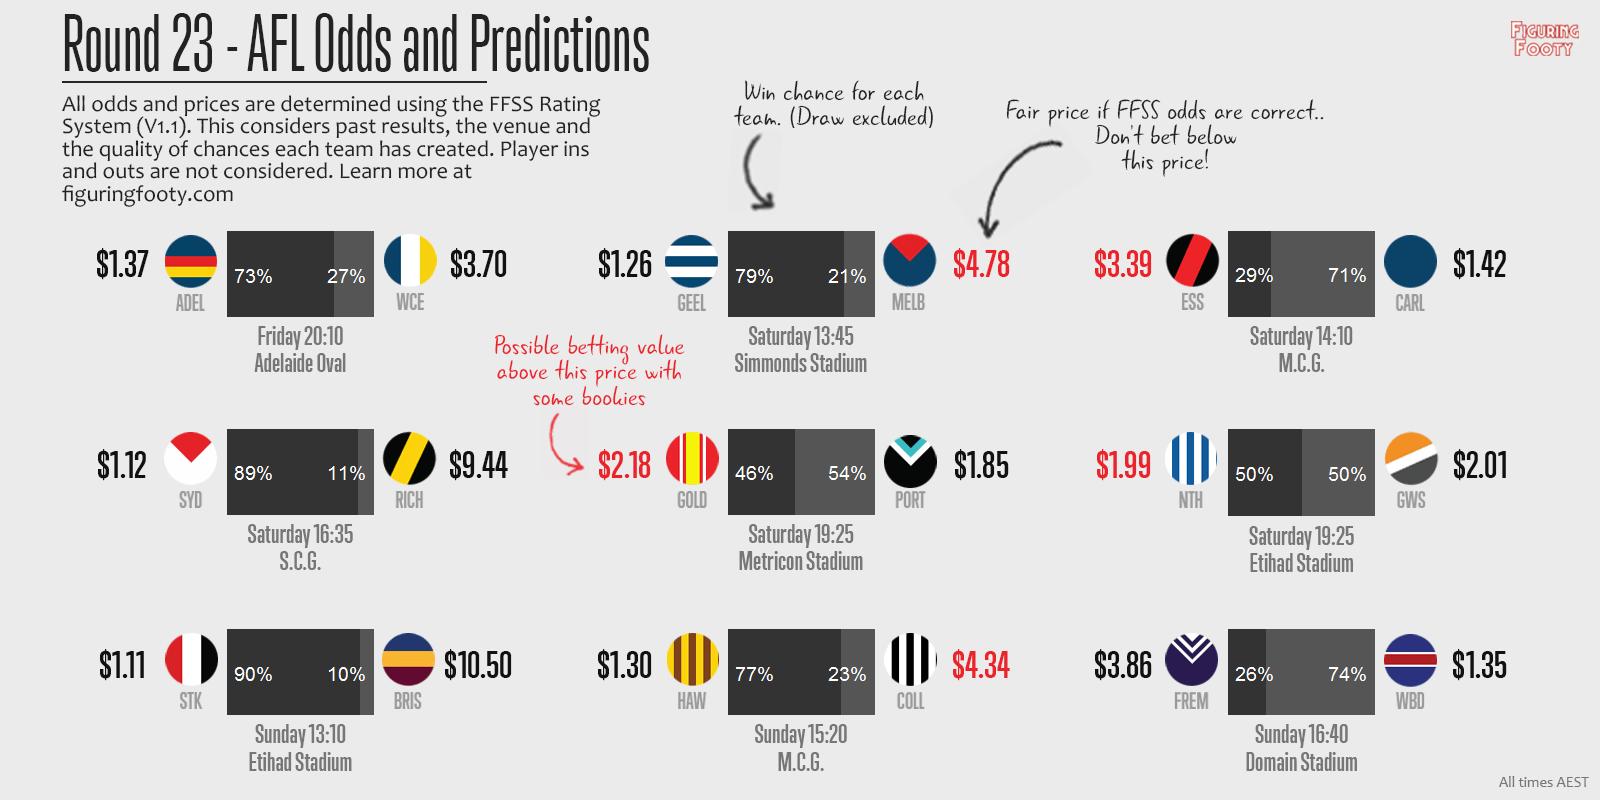 FFSS Round 23 Predictions